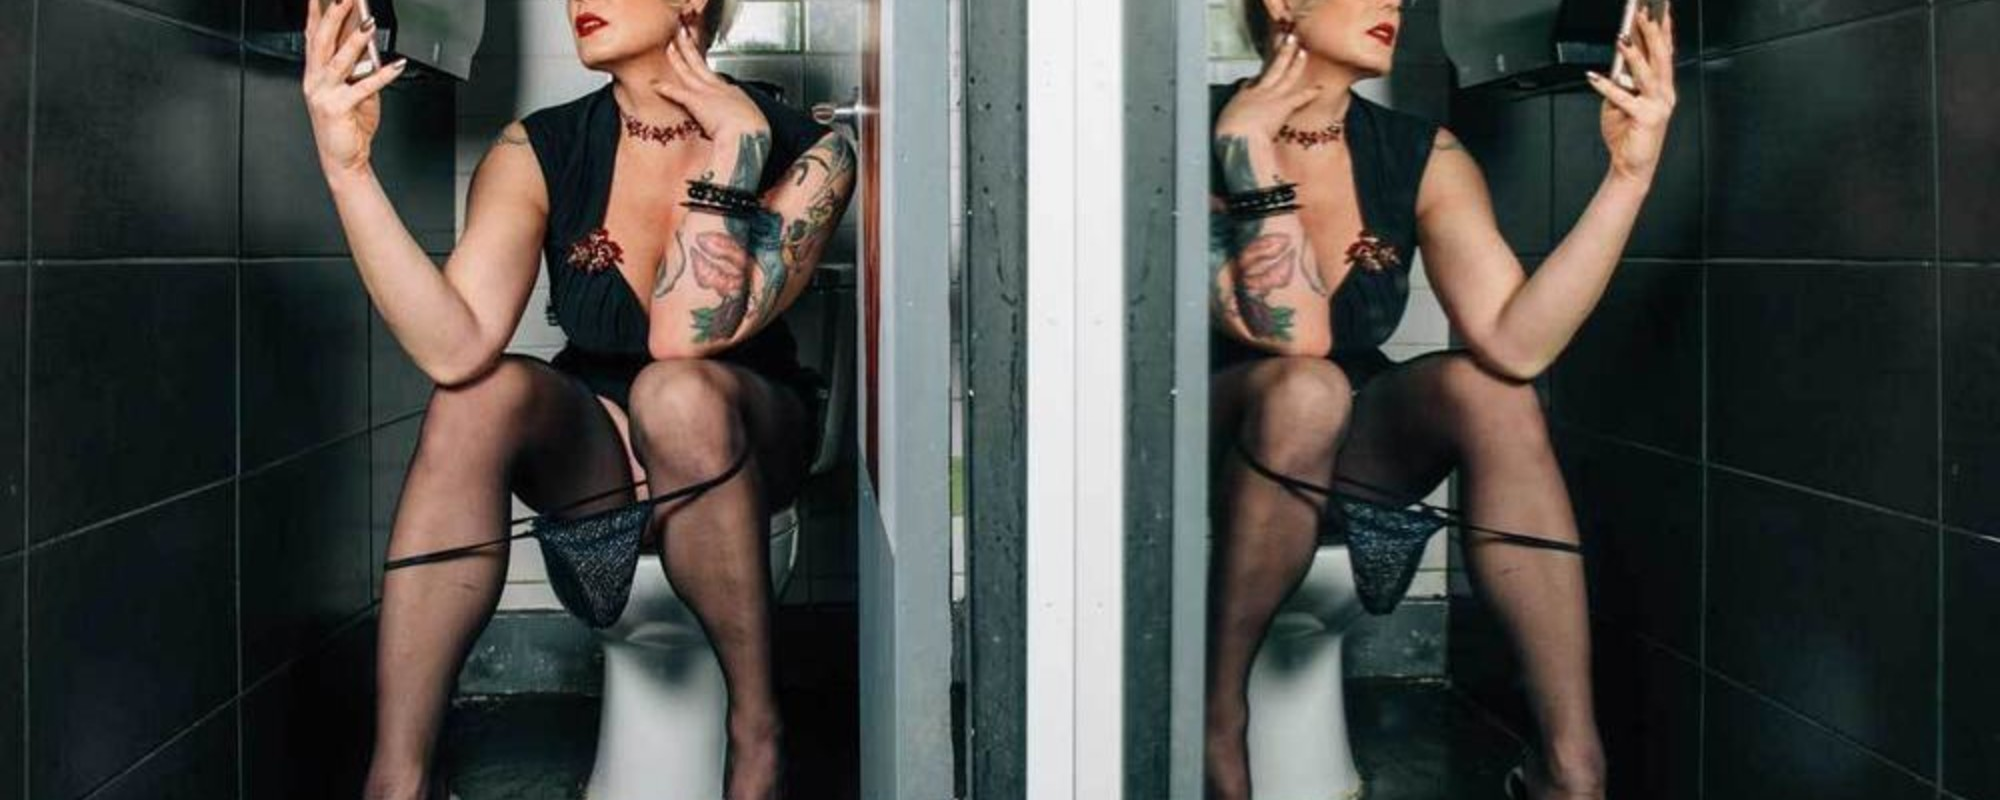 Diese Fotos zeigen, was Trans-Menschen bei jedem Toilettengang erleben